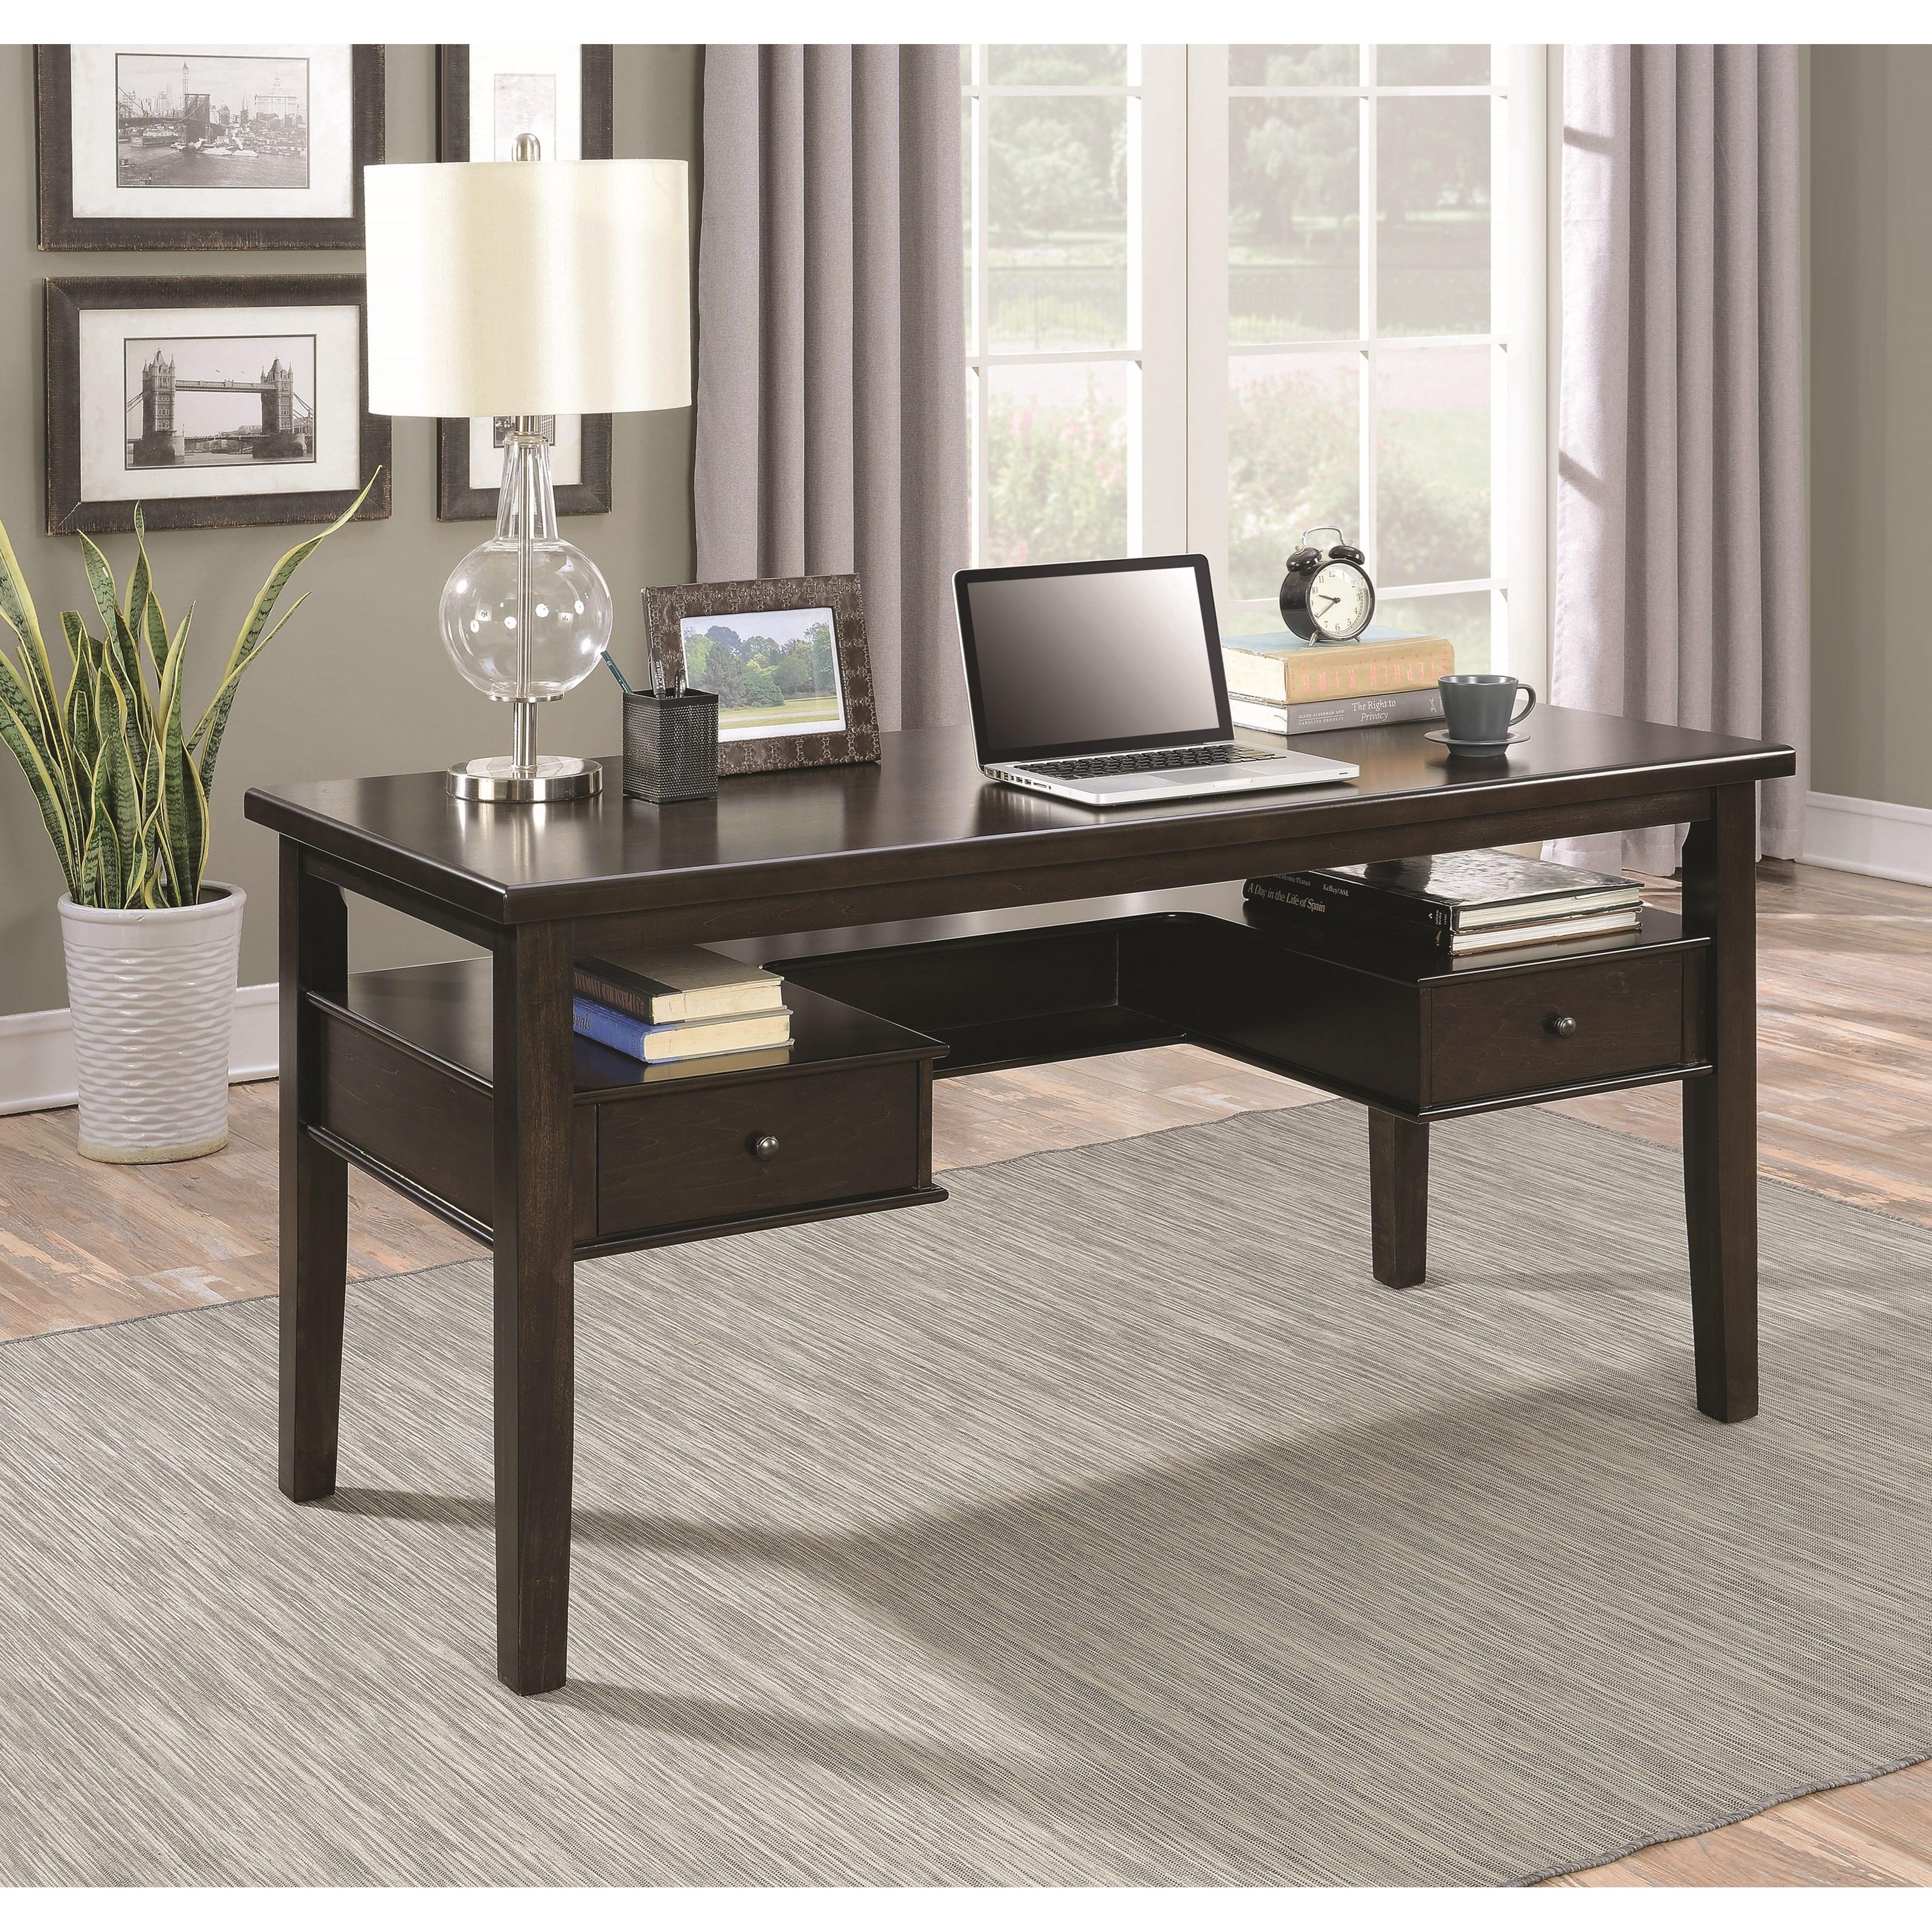 Coaster Desks Desk - Item Number: 801325